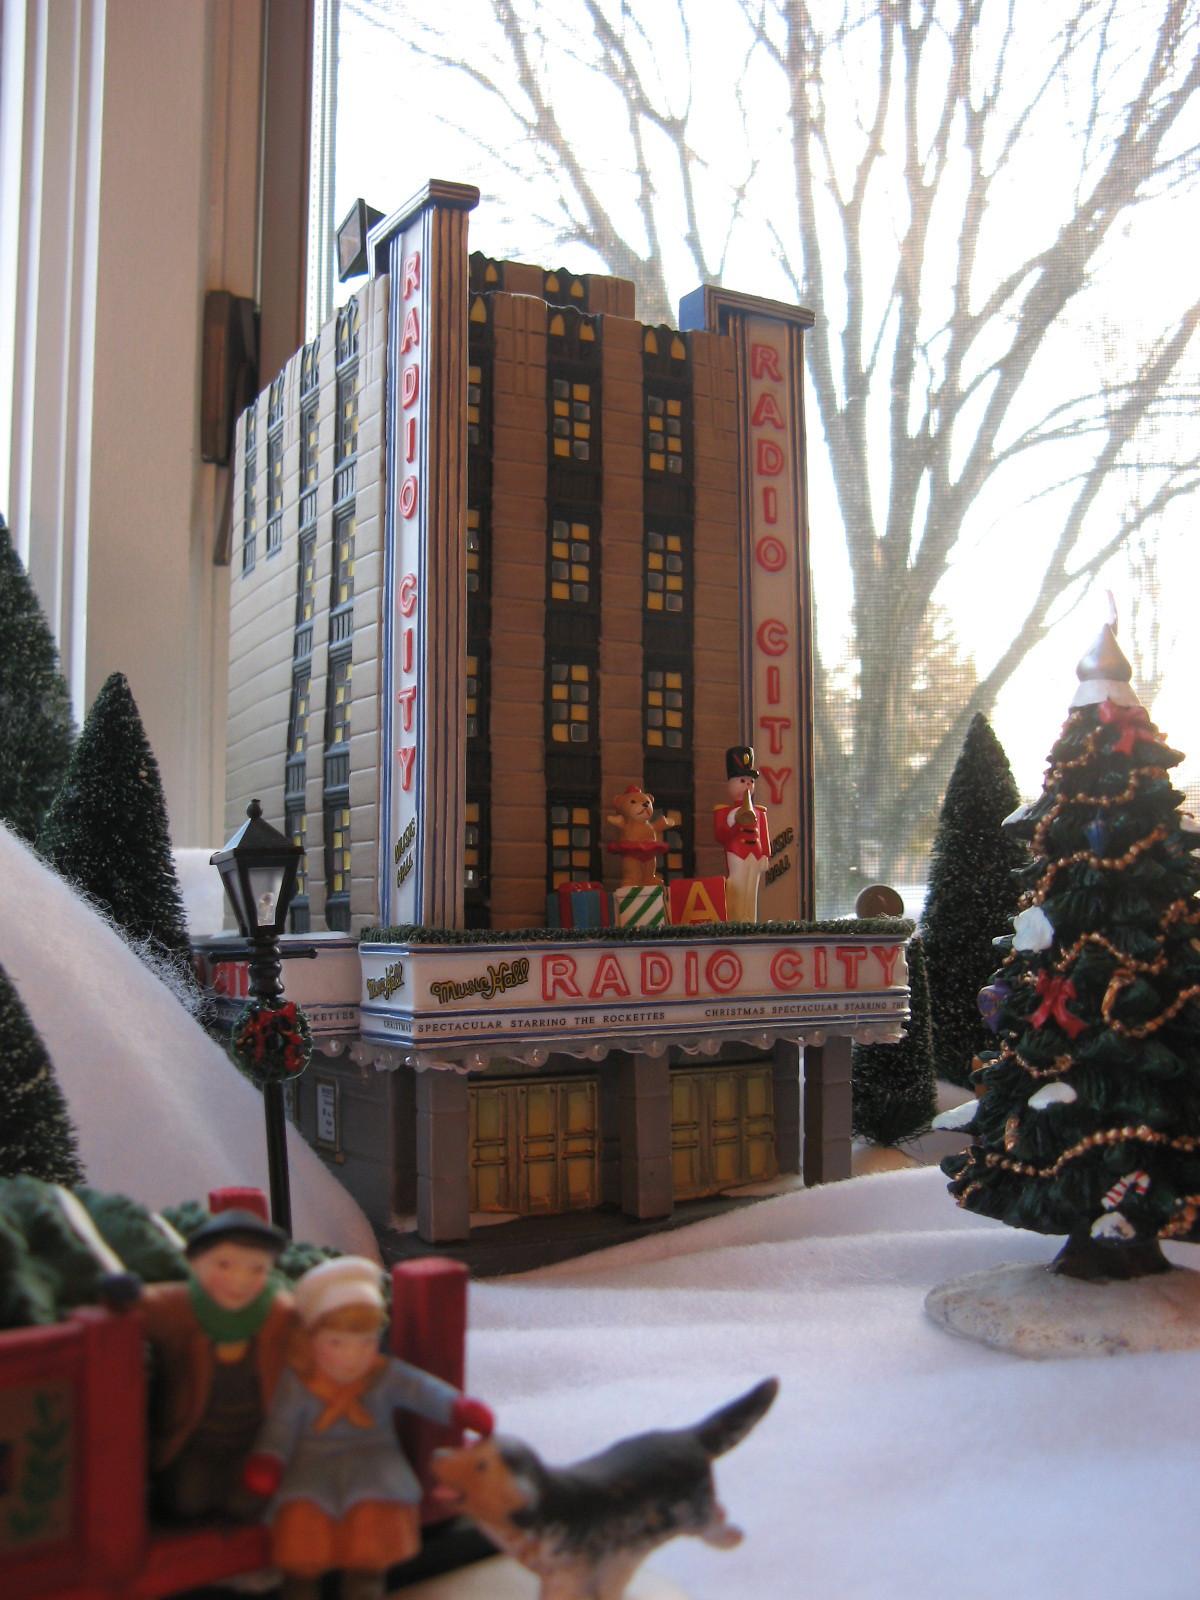 http://2.bp.blogspot.com/_hyuvPPBBD18/SxUTYijQO-I/AAAAAAAAC9k/XaOSU63K7eA/s1600/Christmas%25252Bvillage%25252B09%25252B4.jpg